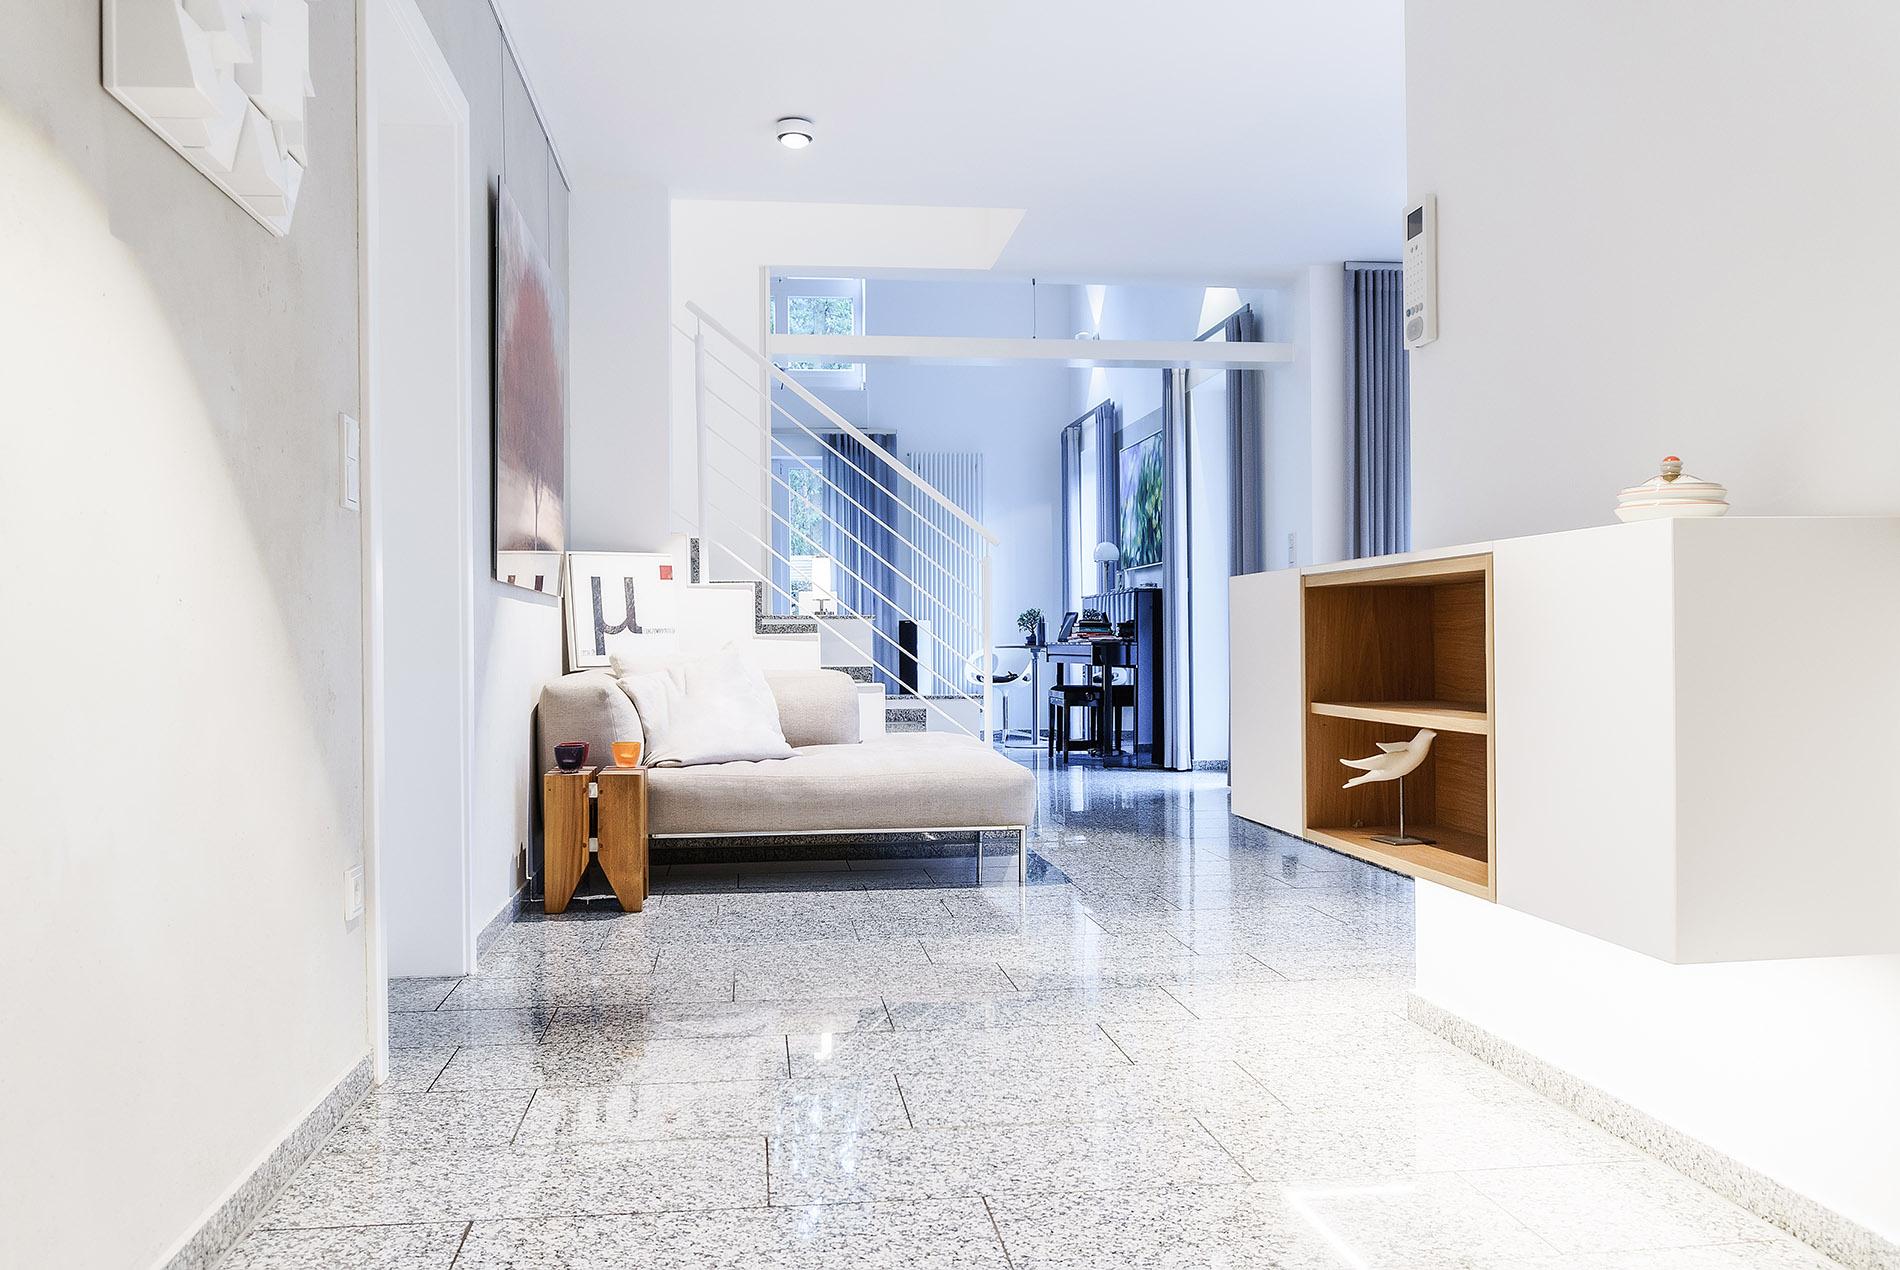 Offene Küche mit Galerie in grau und weiß - Tischlerei Schöpker